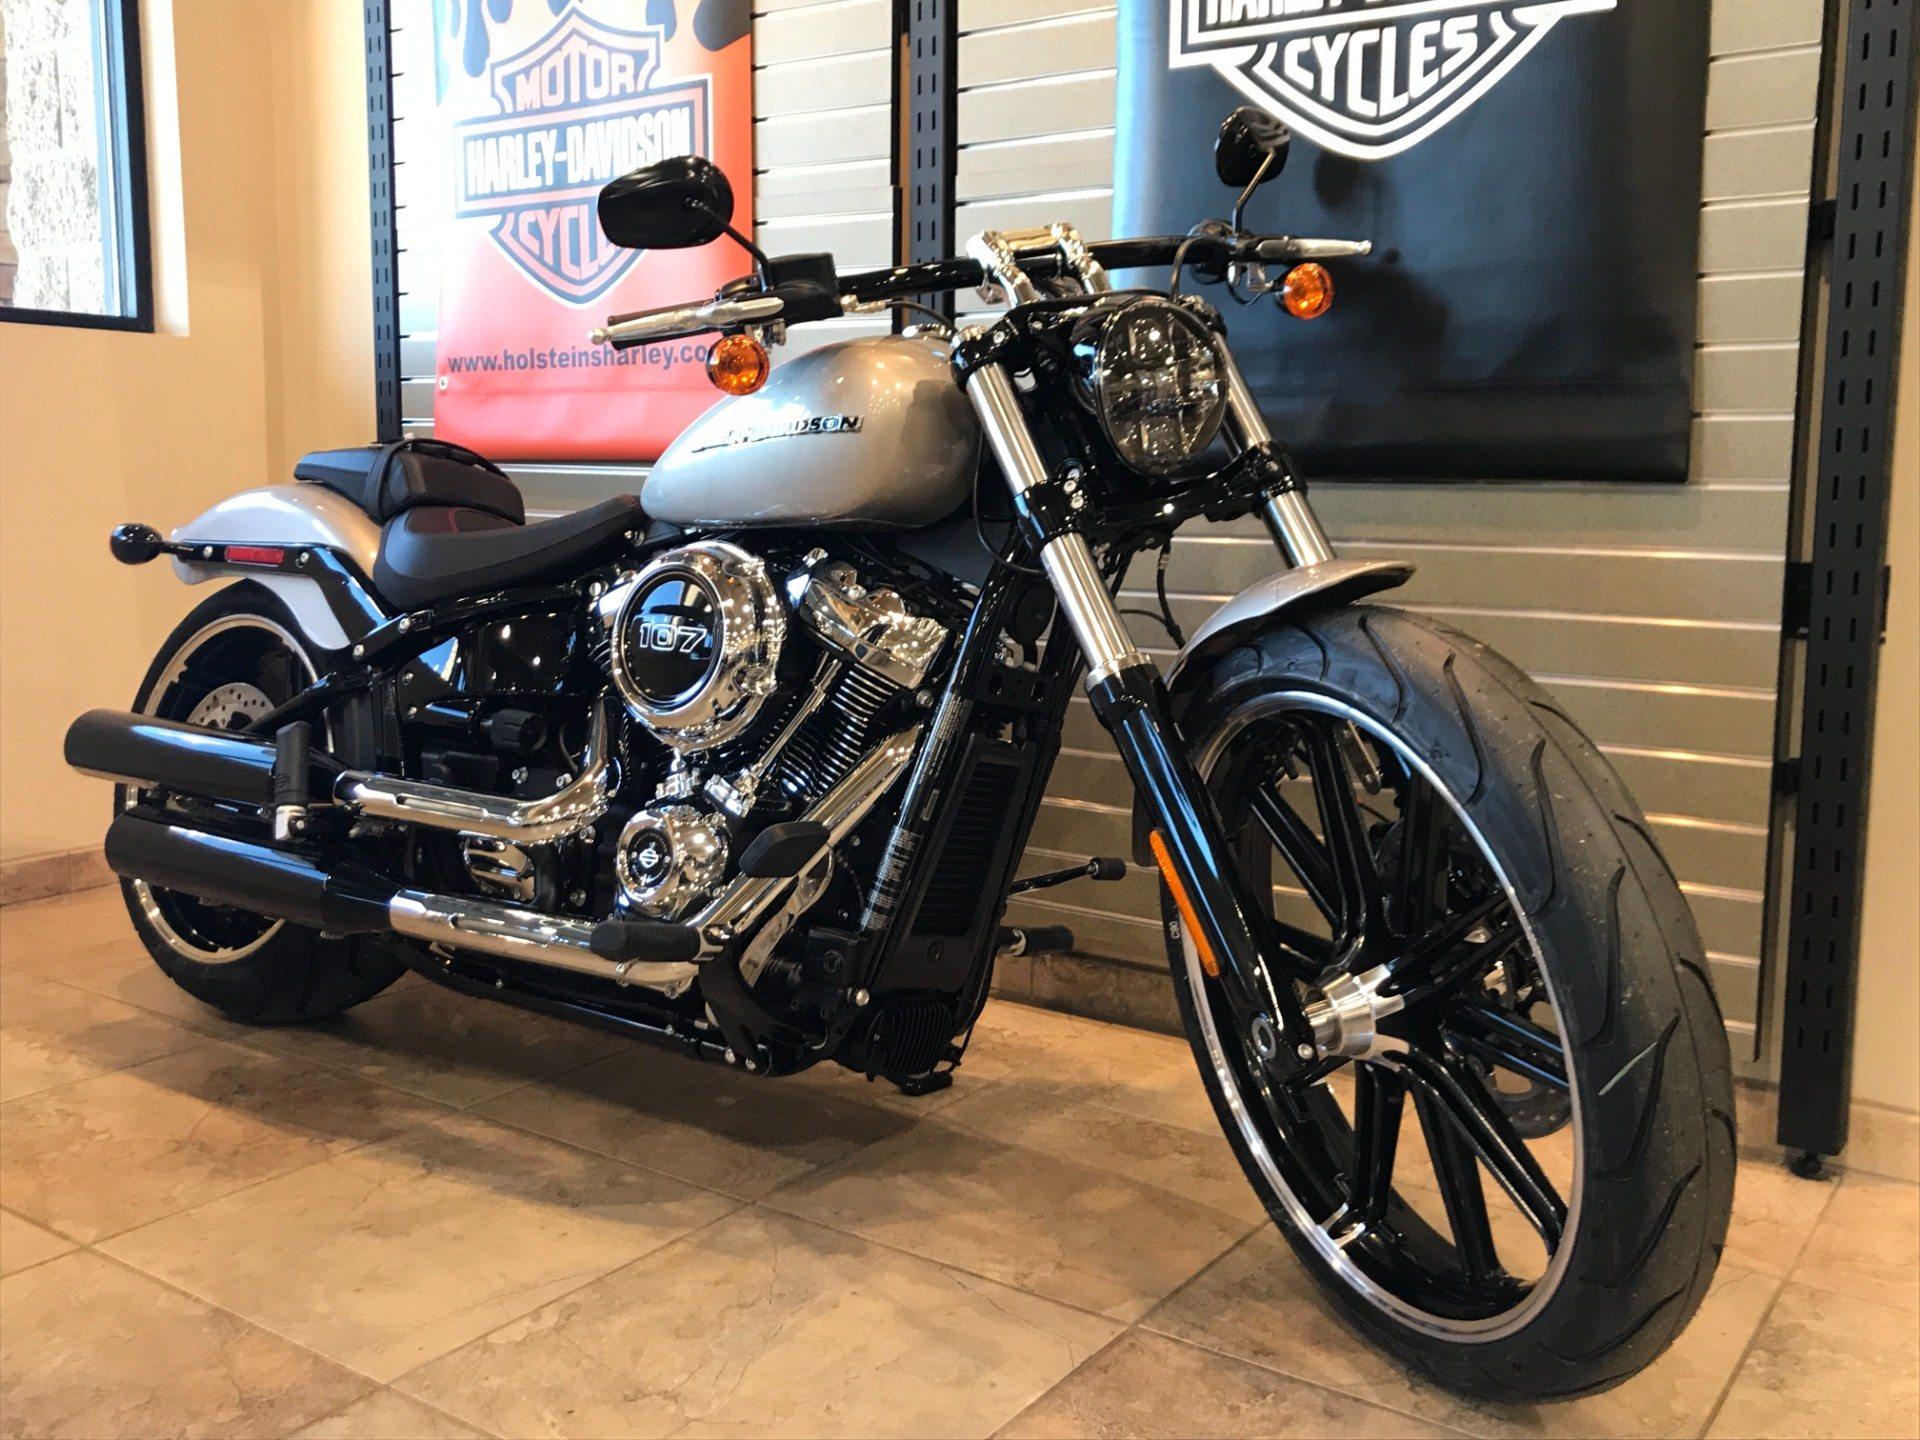 2018 Harley Davidson BreakoutR107 In Omaha Nebraska